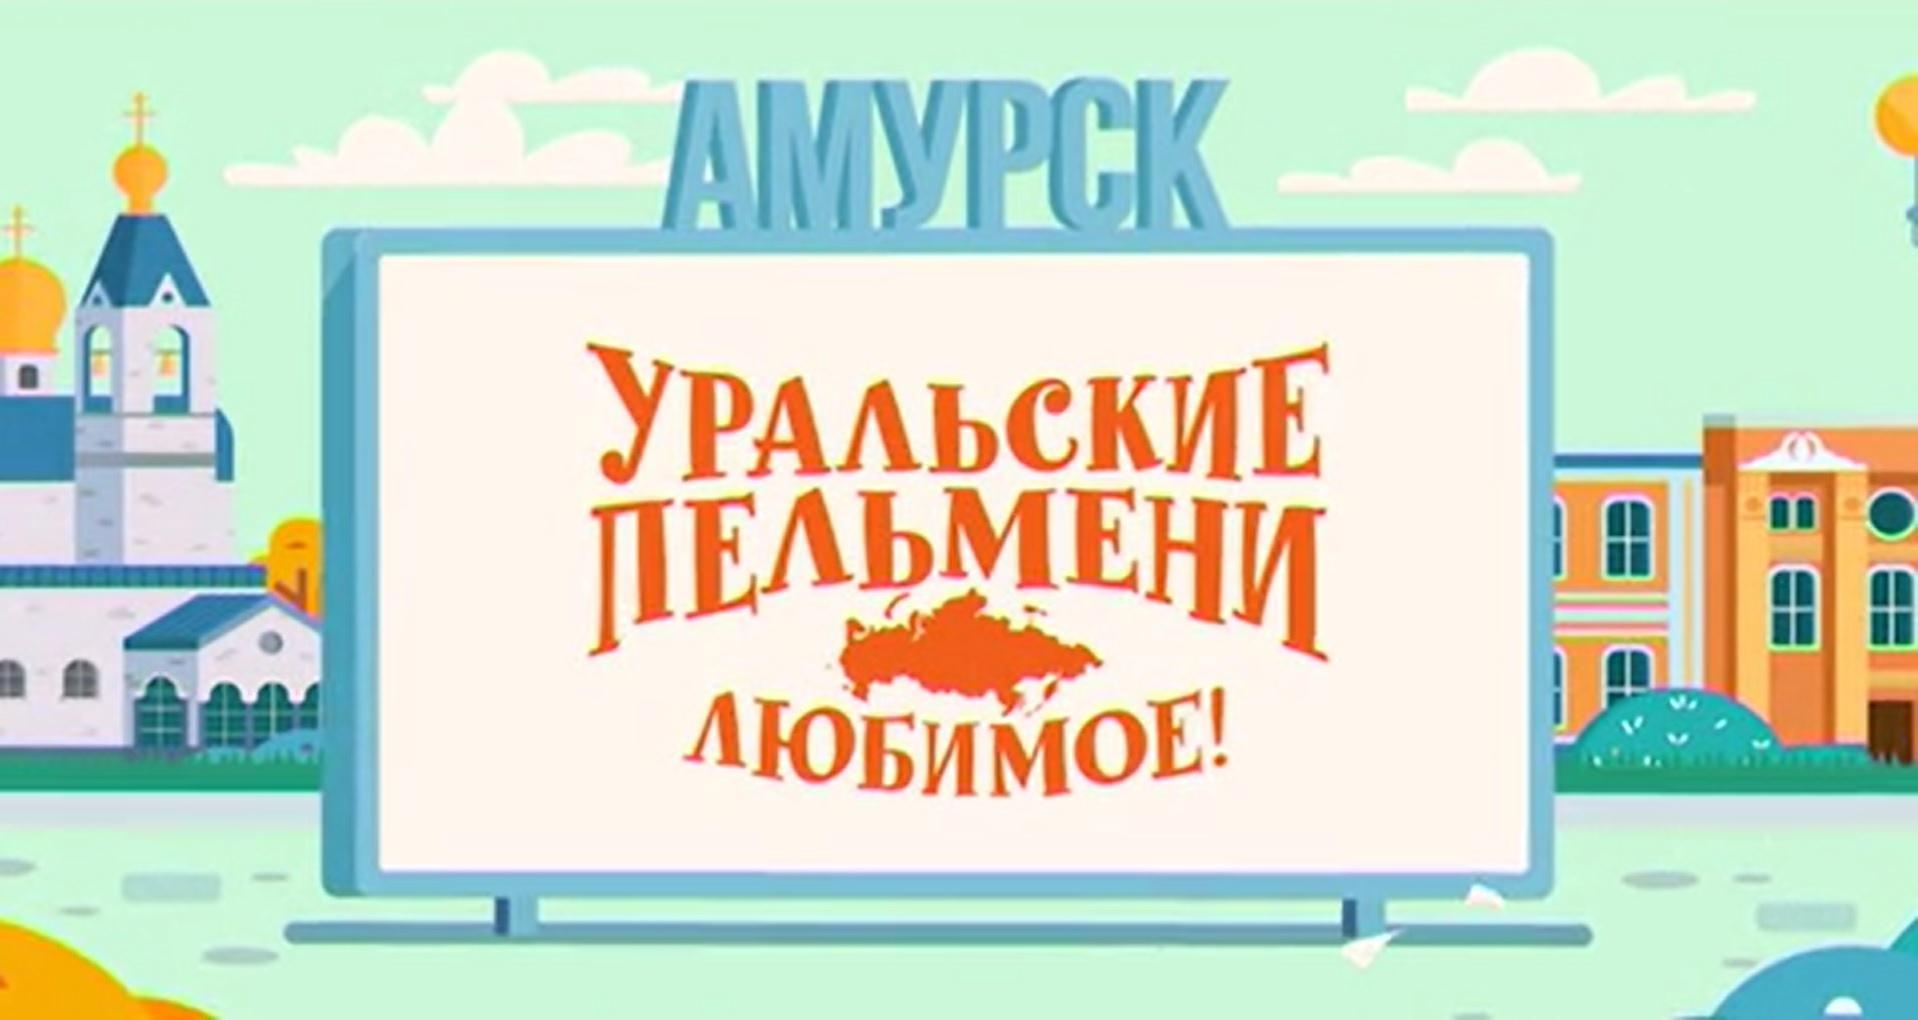 Творческий коллектив Уральские Пельмени Уральские пельмени. Любимое. Амурск творческий коллектив уральские пельмени уральские пельмени любимое тюмень